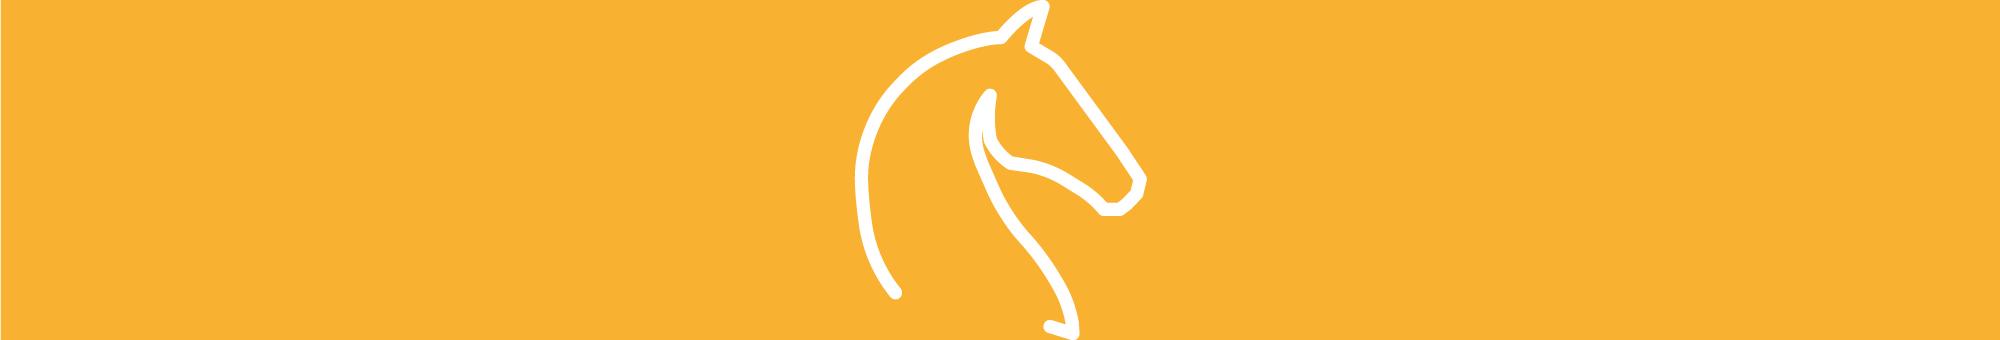 icona equitazione